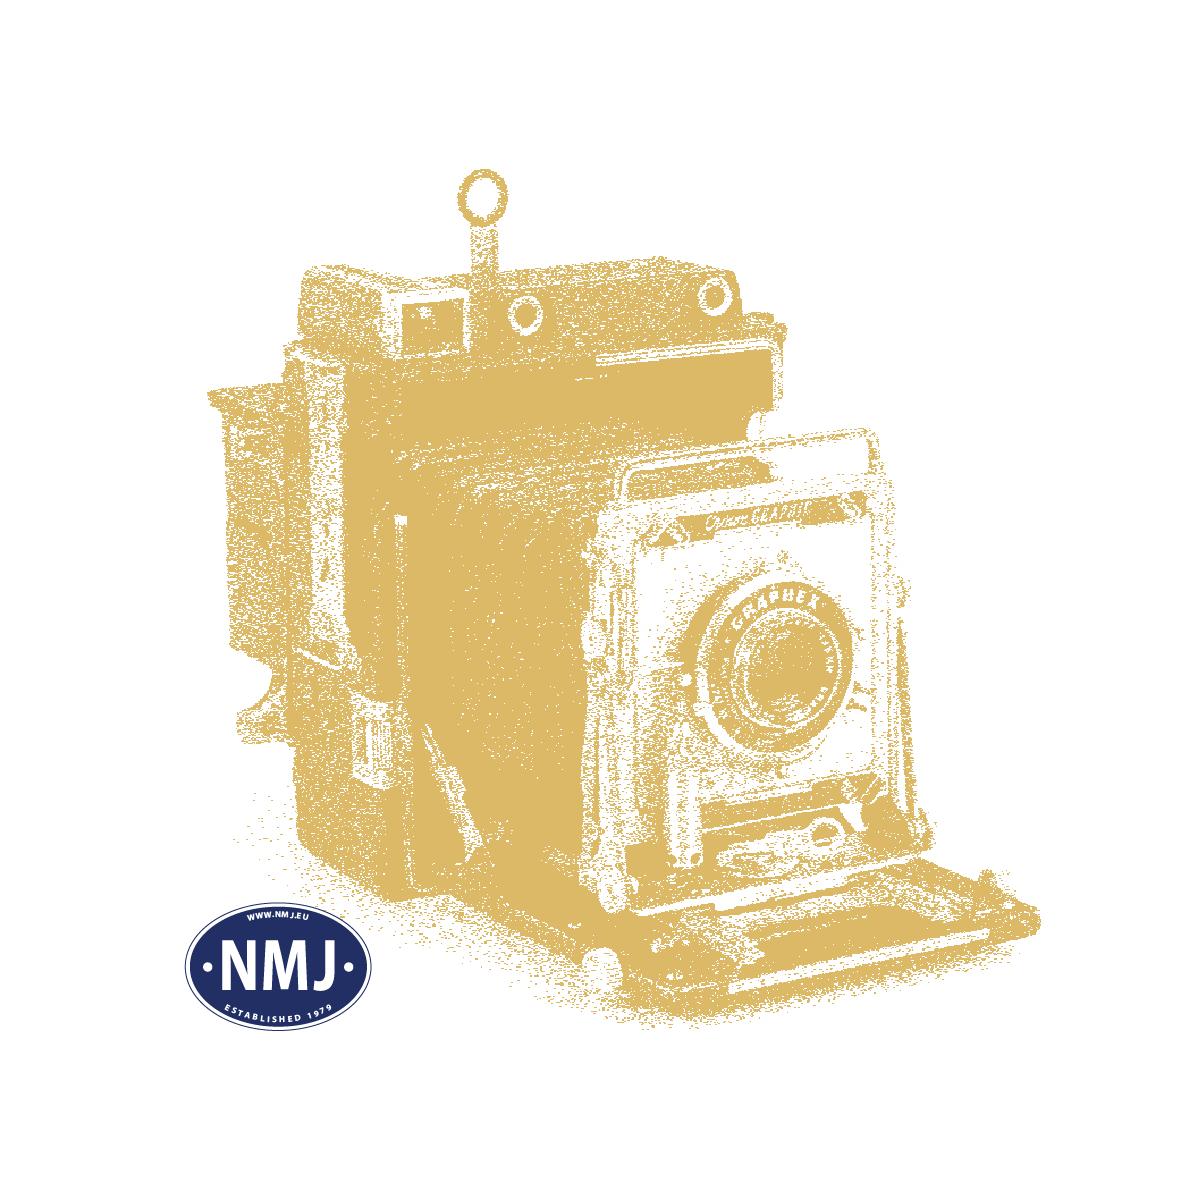 NMJS39.166 - NMJ Superline NSB Type 39.166